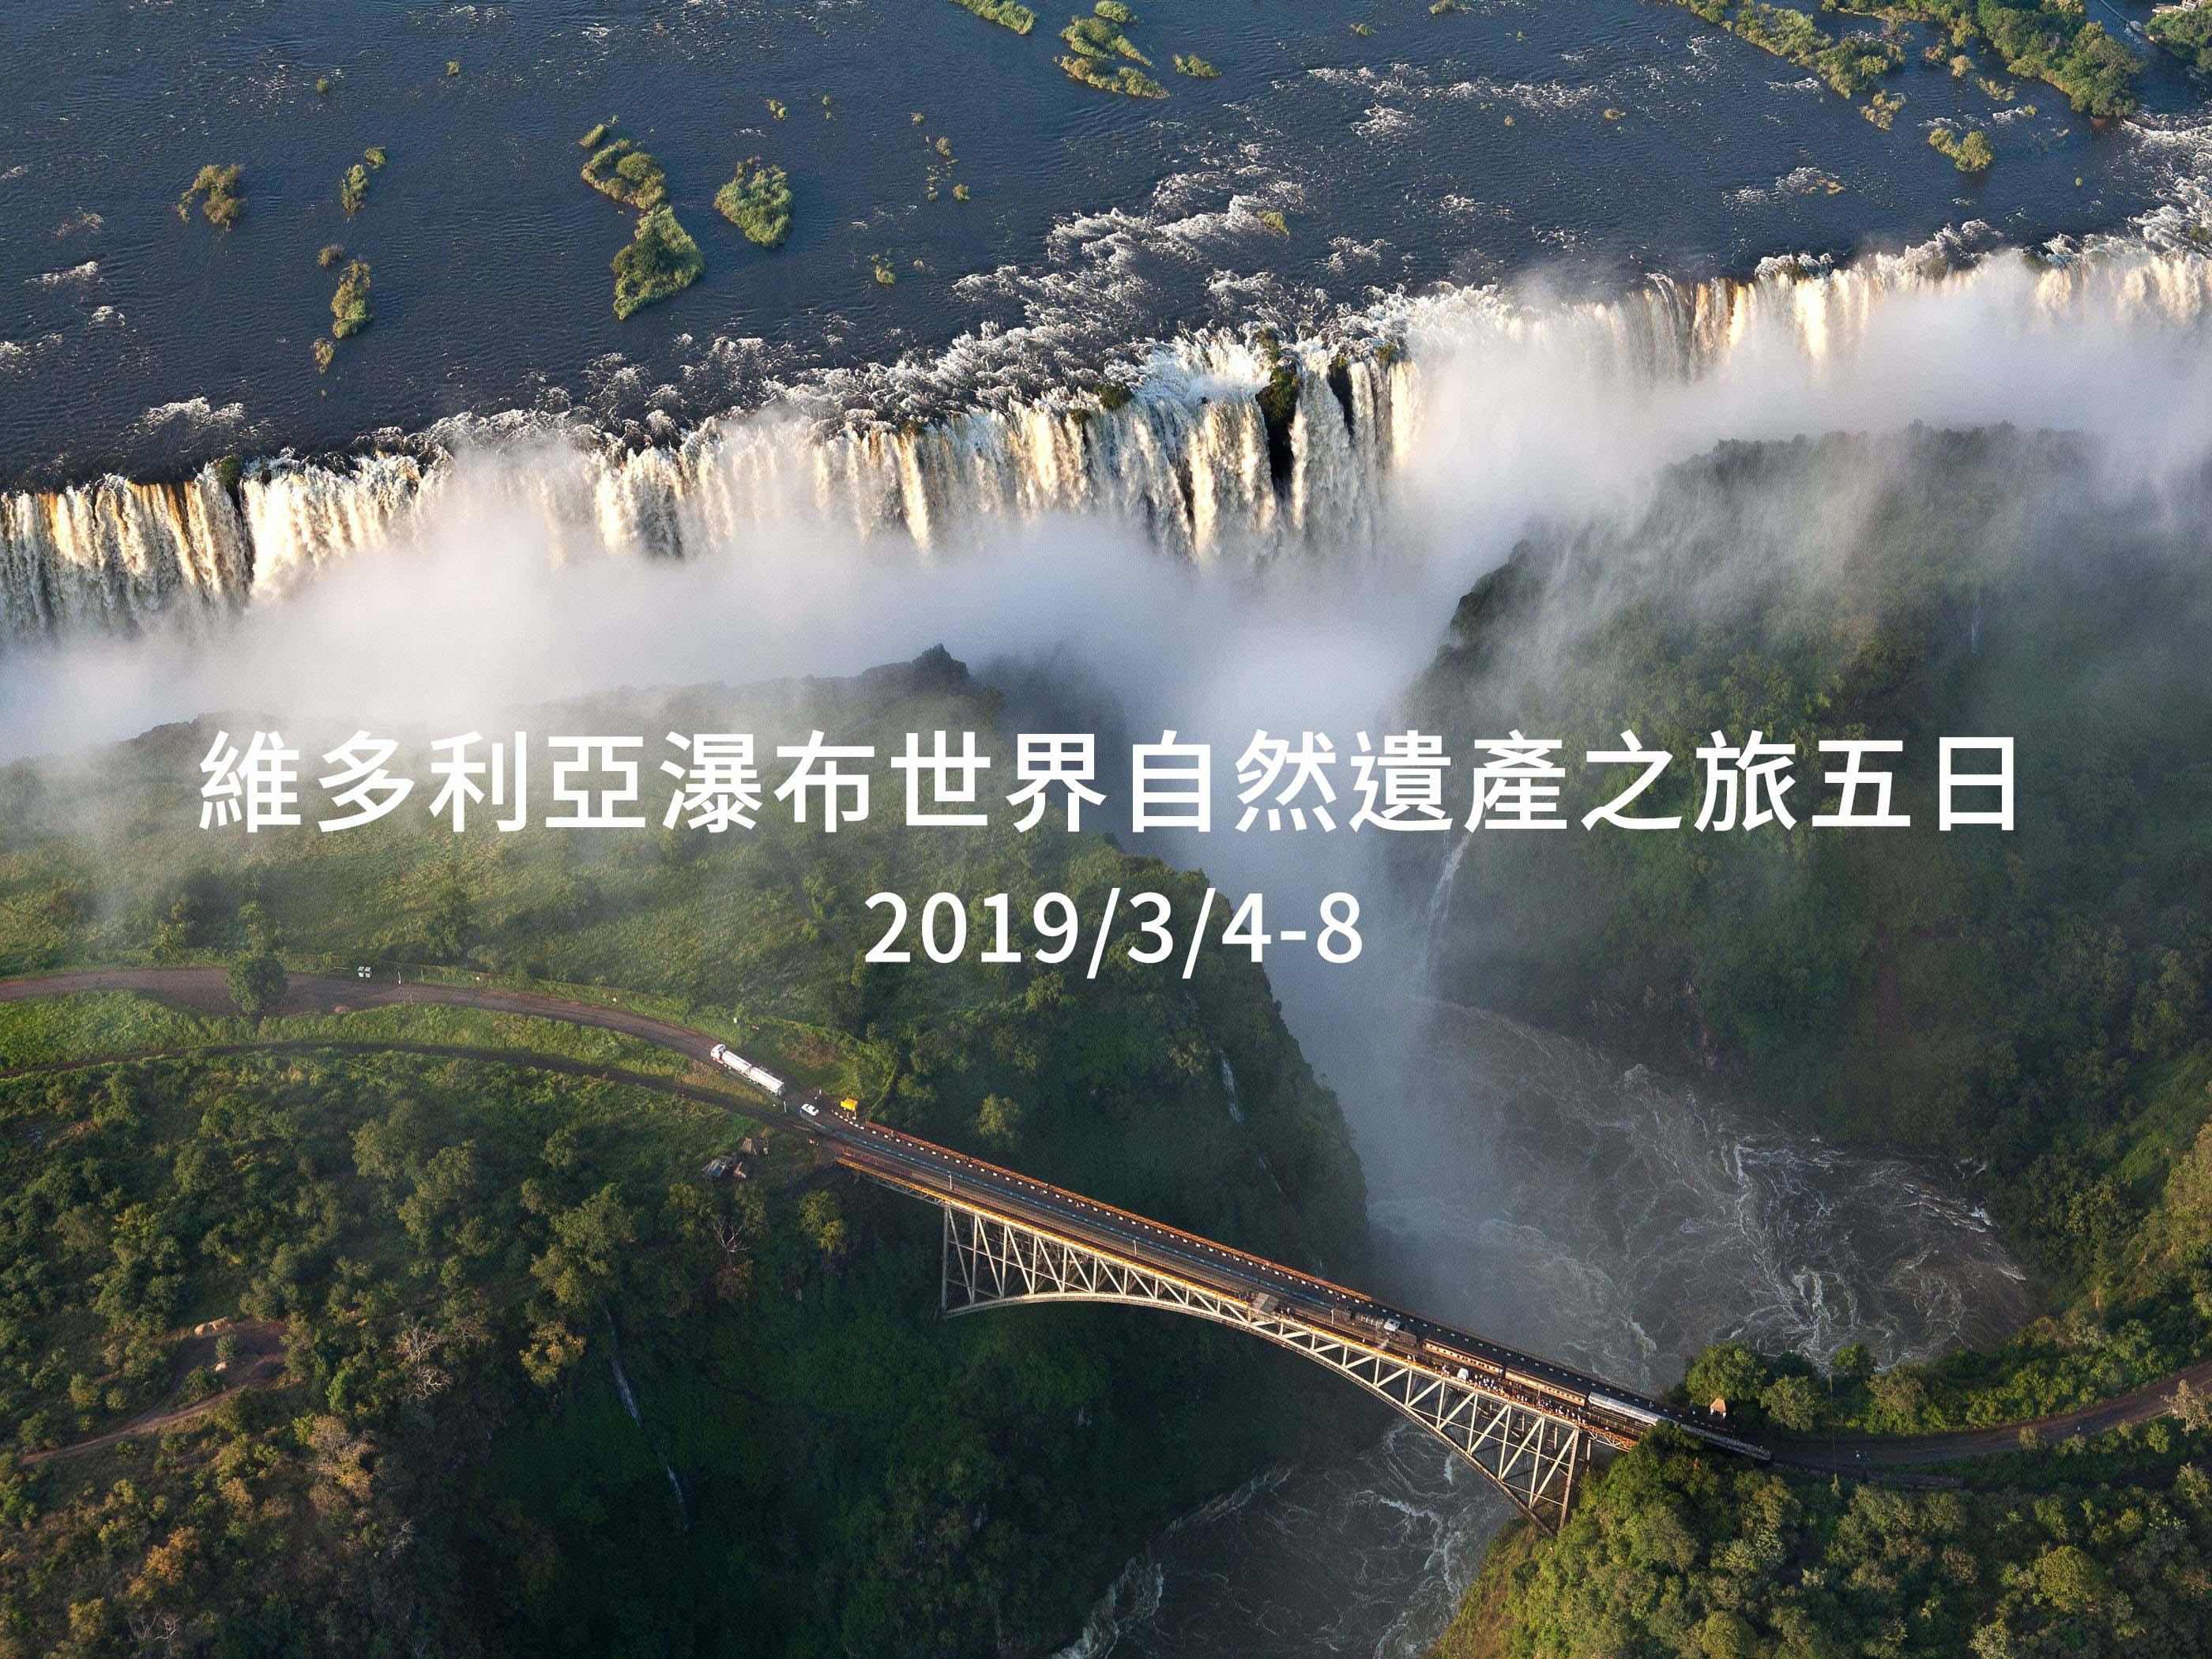 維多利亞瀑布世界自然遺產之旅五日